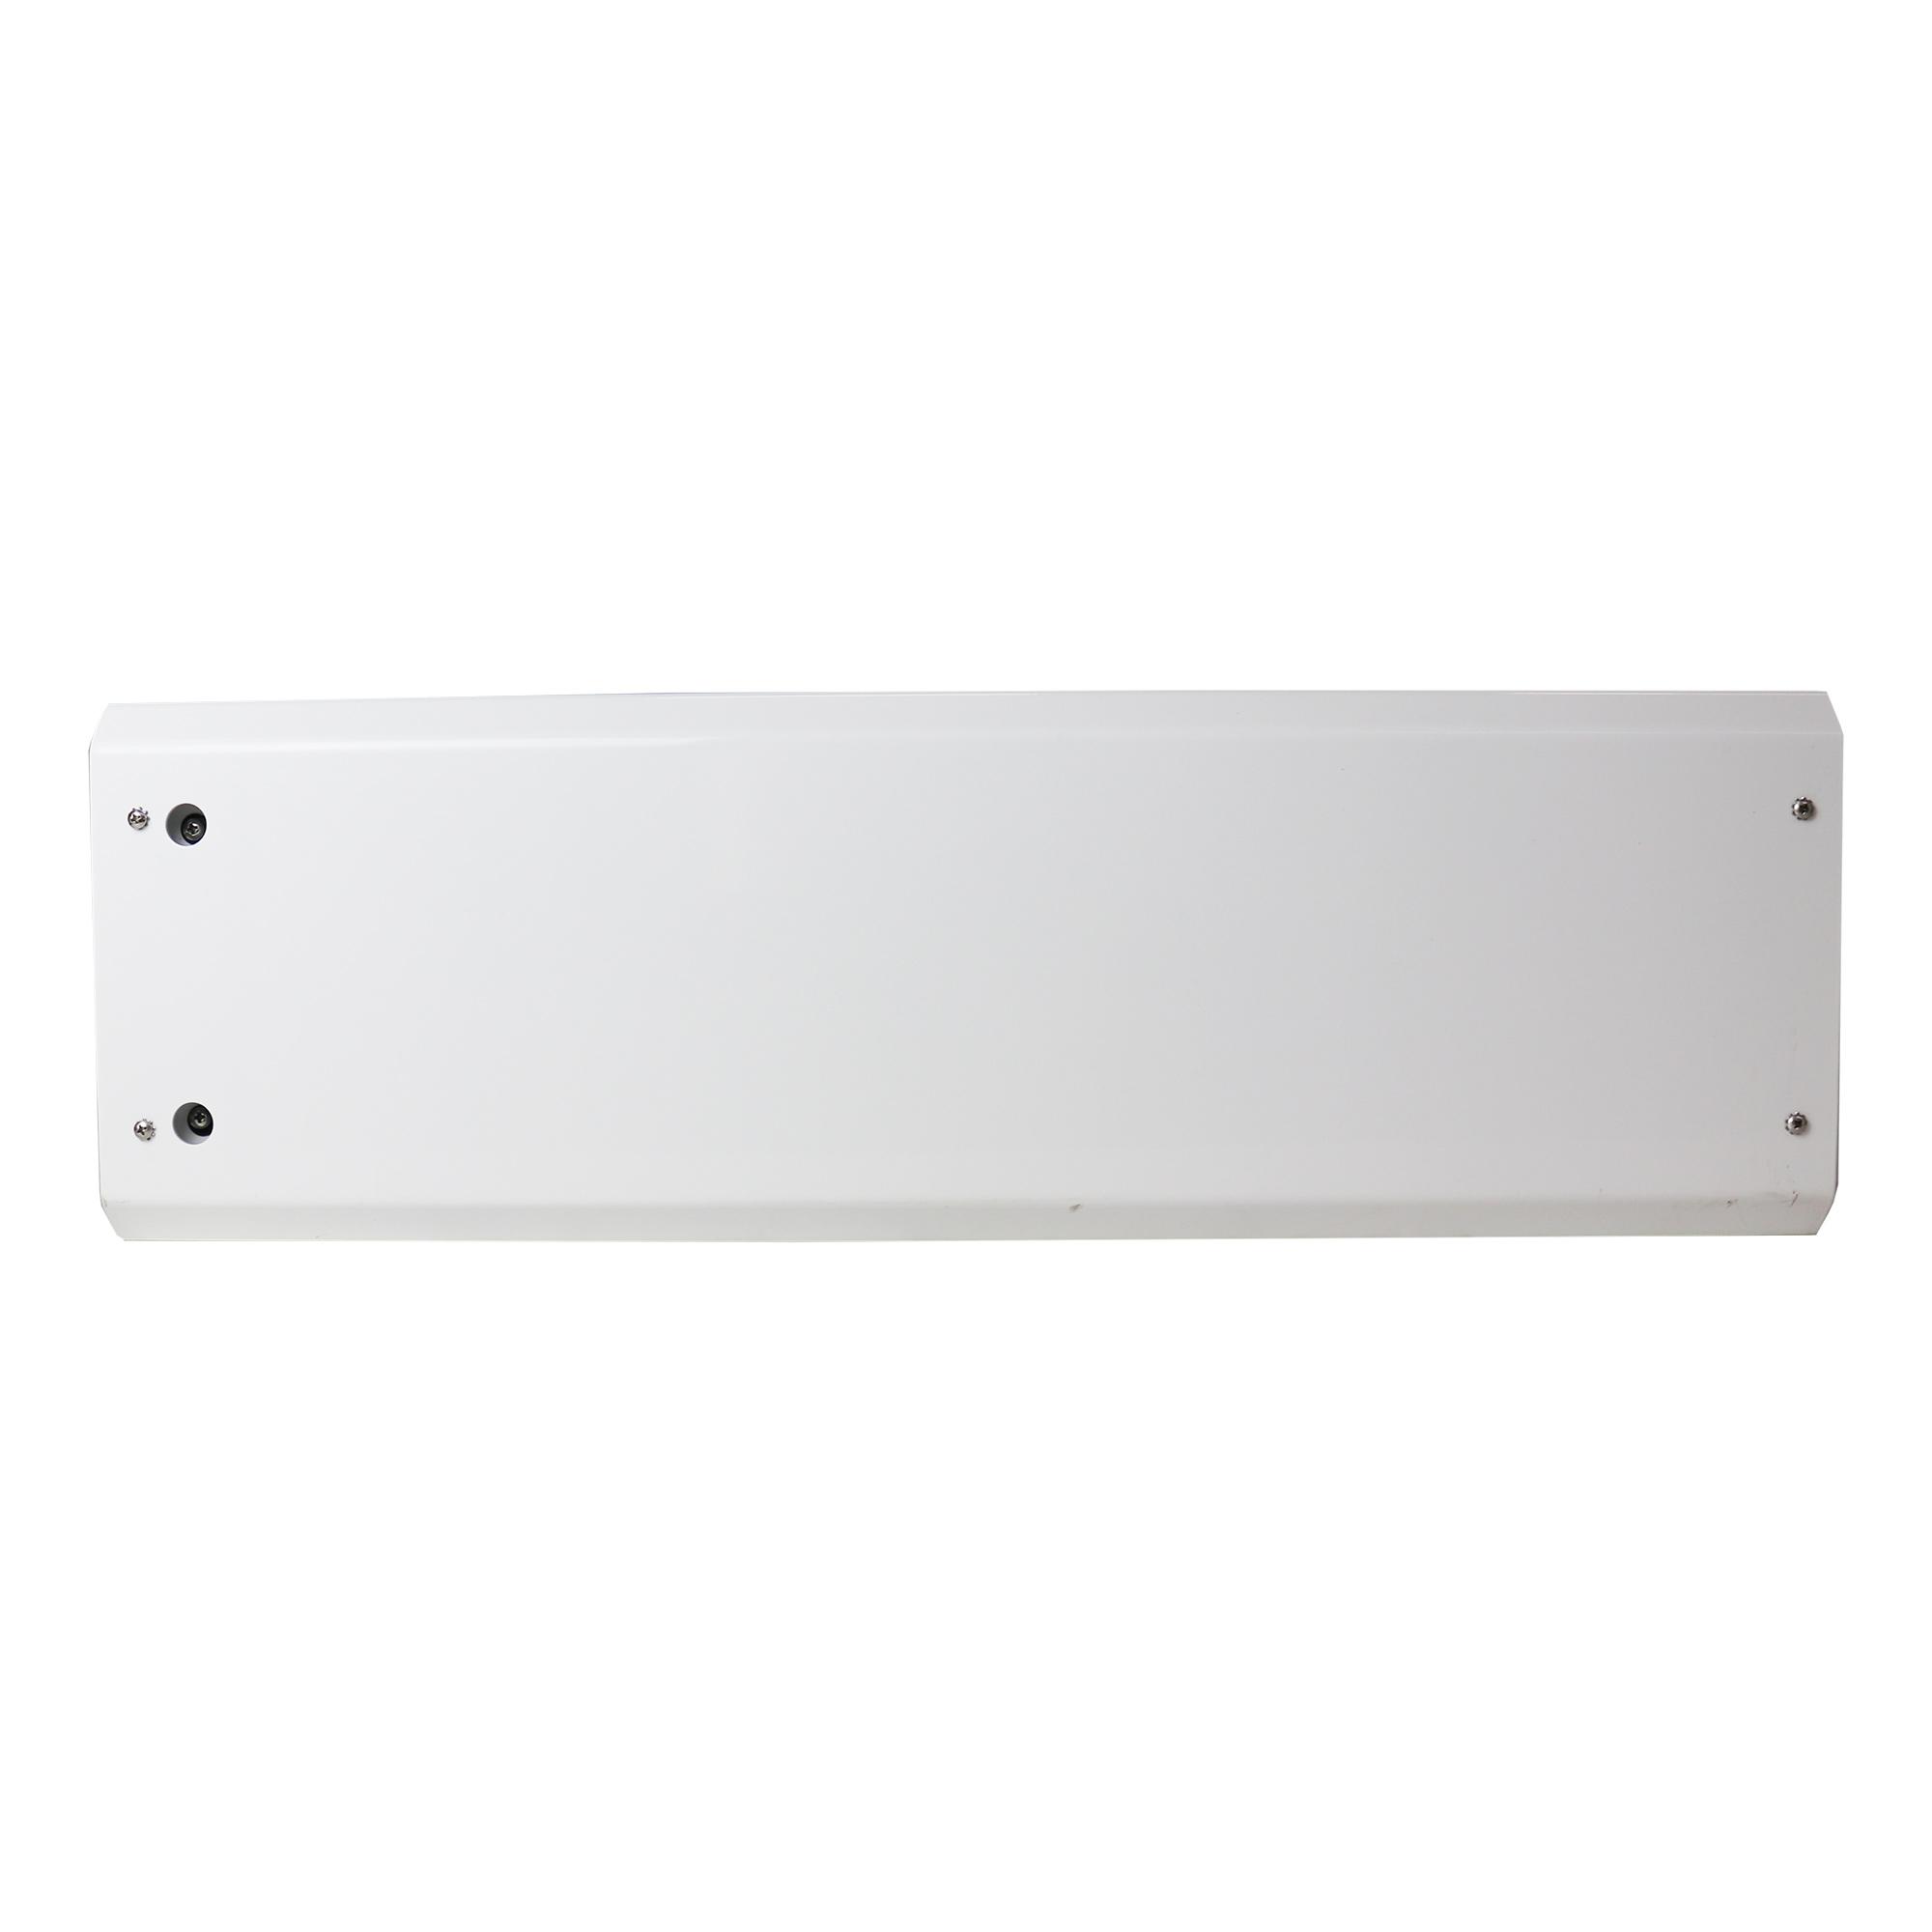 STXL Sun Shield 2000 06